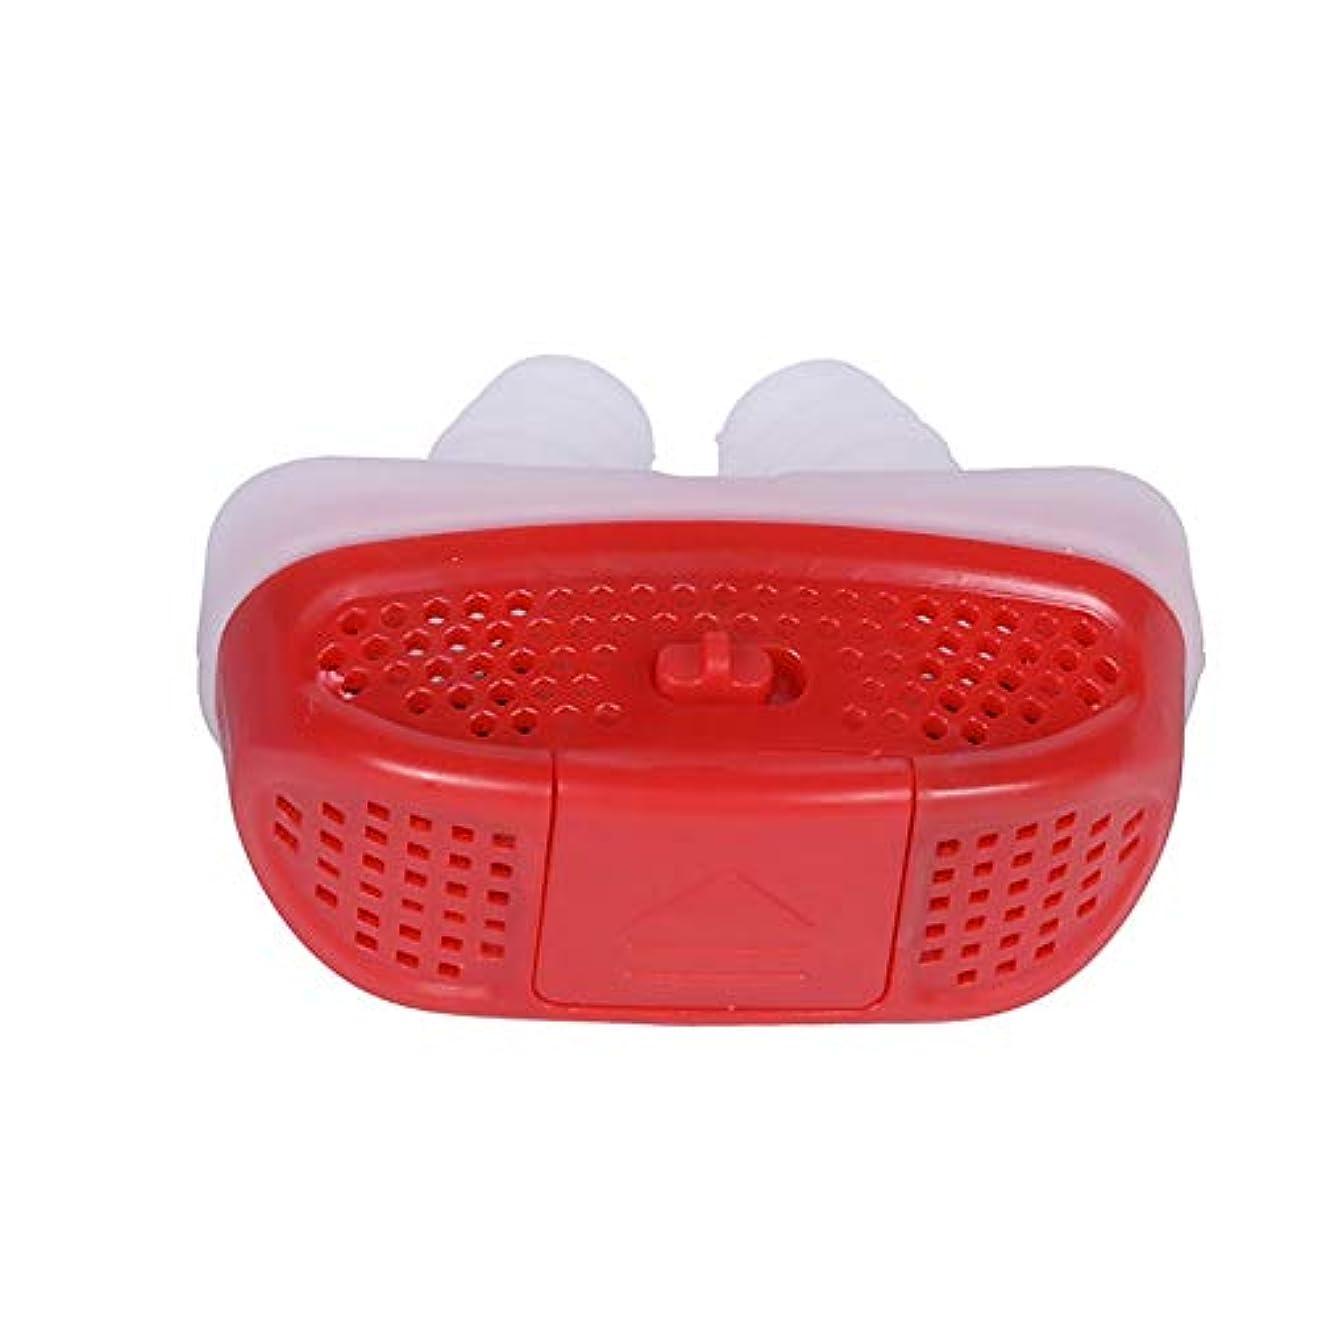 ボトルシンクフォーム電気 いびき止め 空気清浄器 鼻の通気孔 重い呼吸改善 いびき防止 鼻拡張器 バッテリーなし 睡眠器具 Cutelove